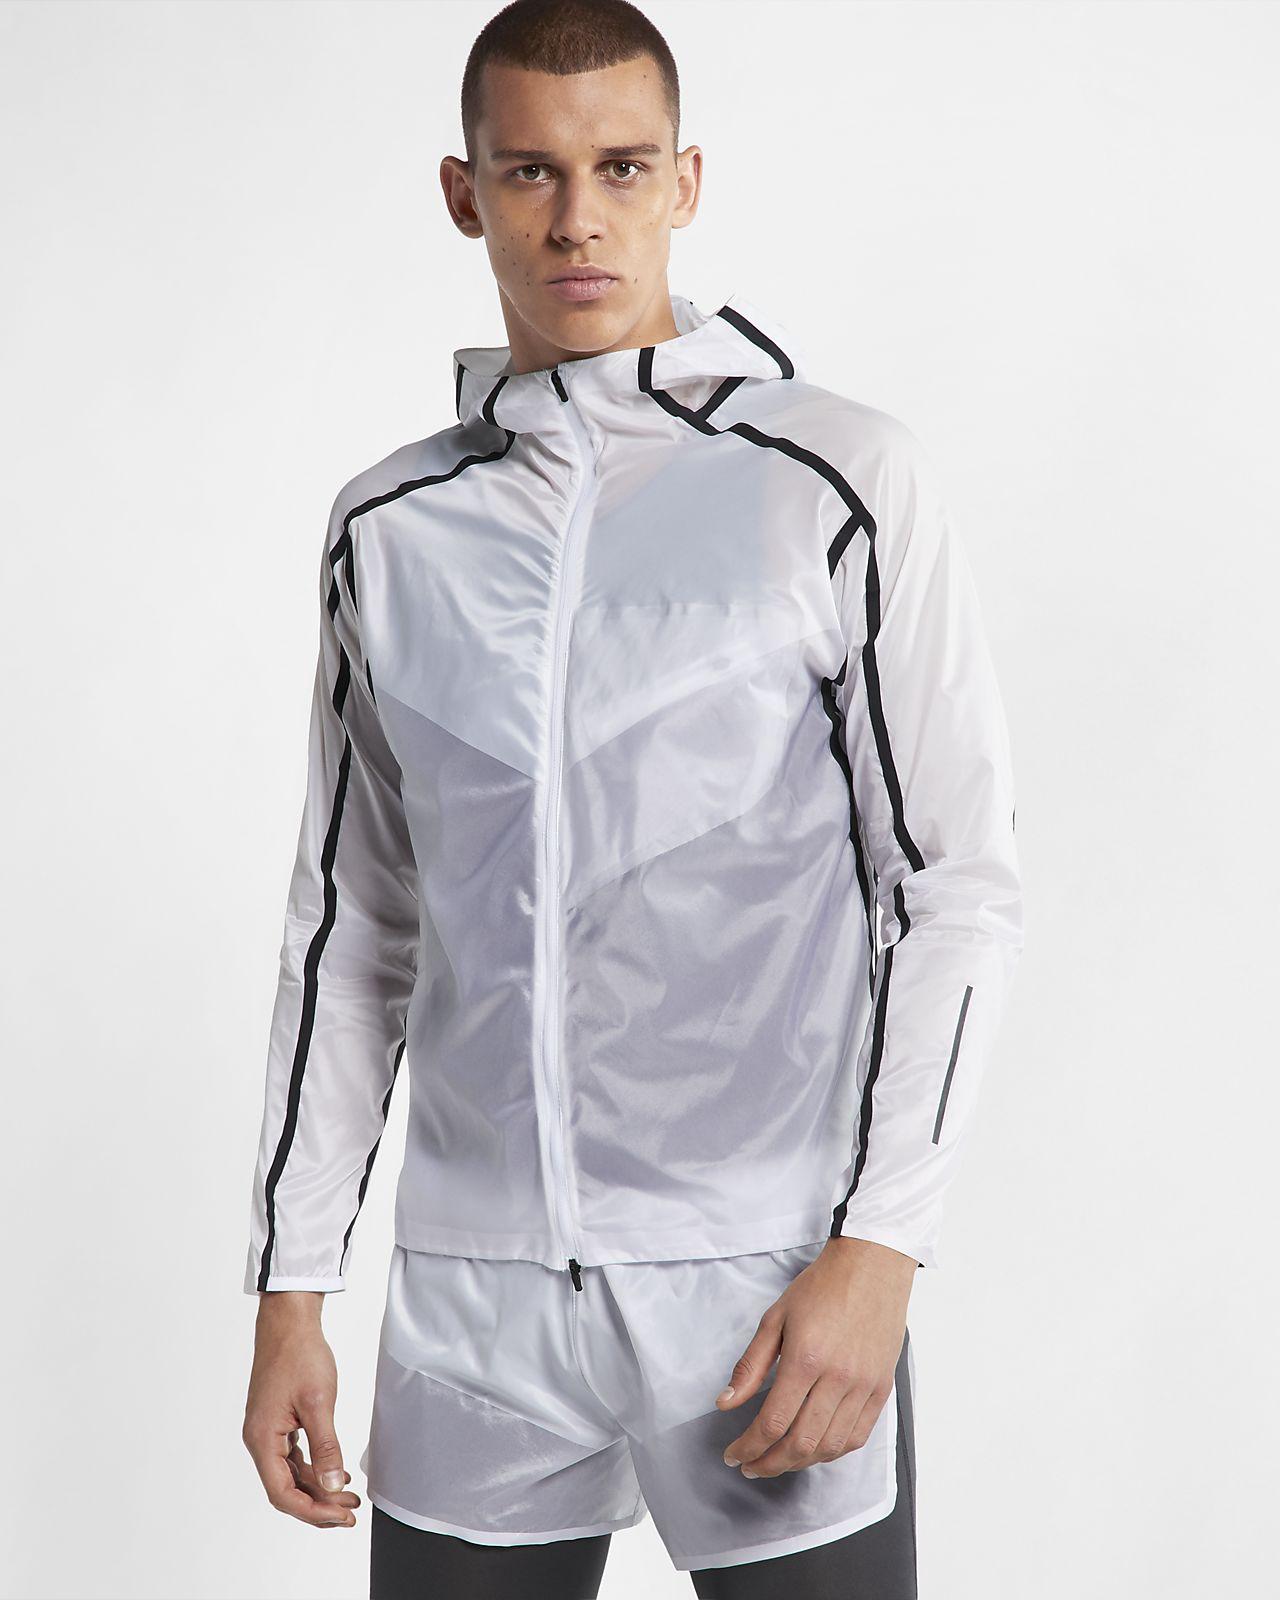 ナイキ テック メンズ ランニングジャケット